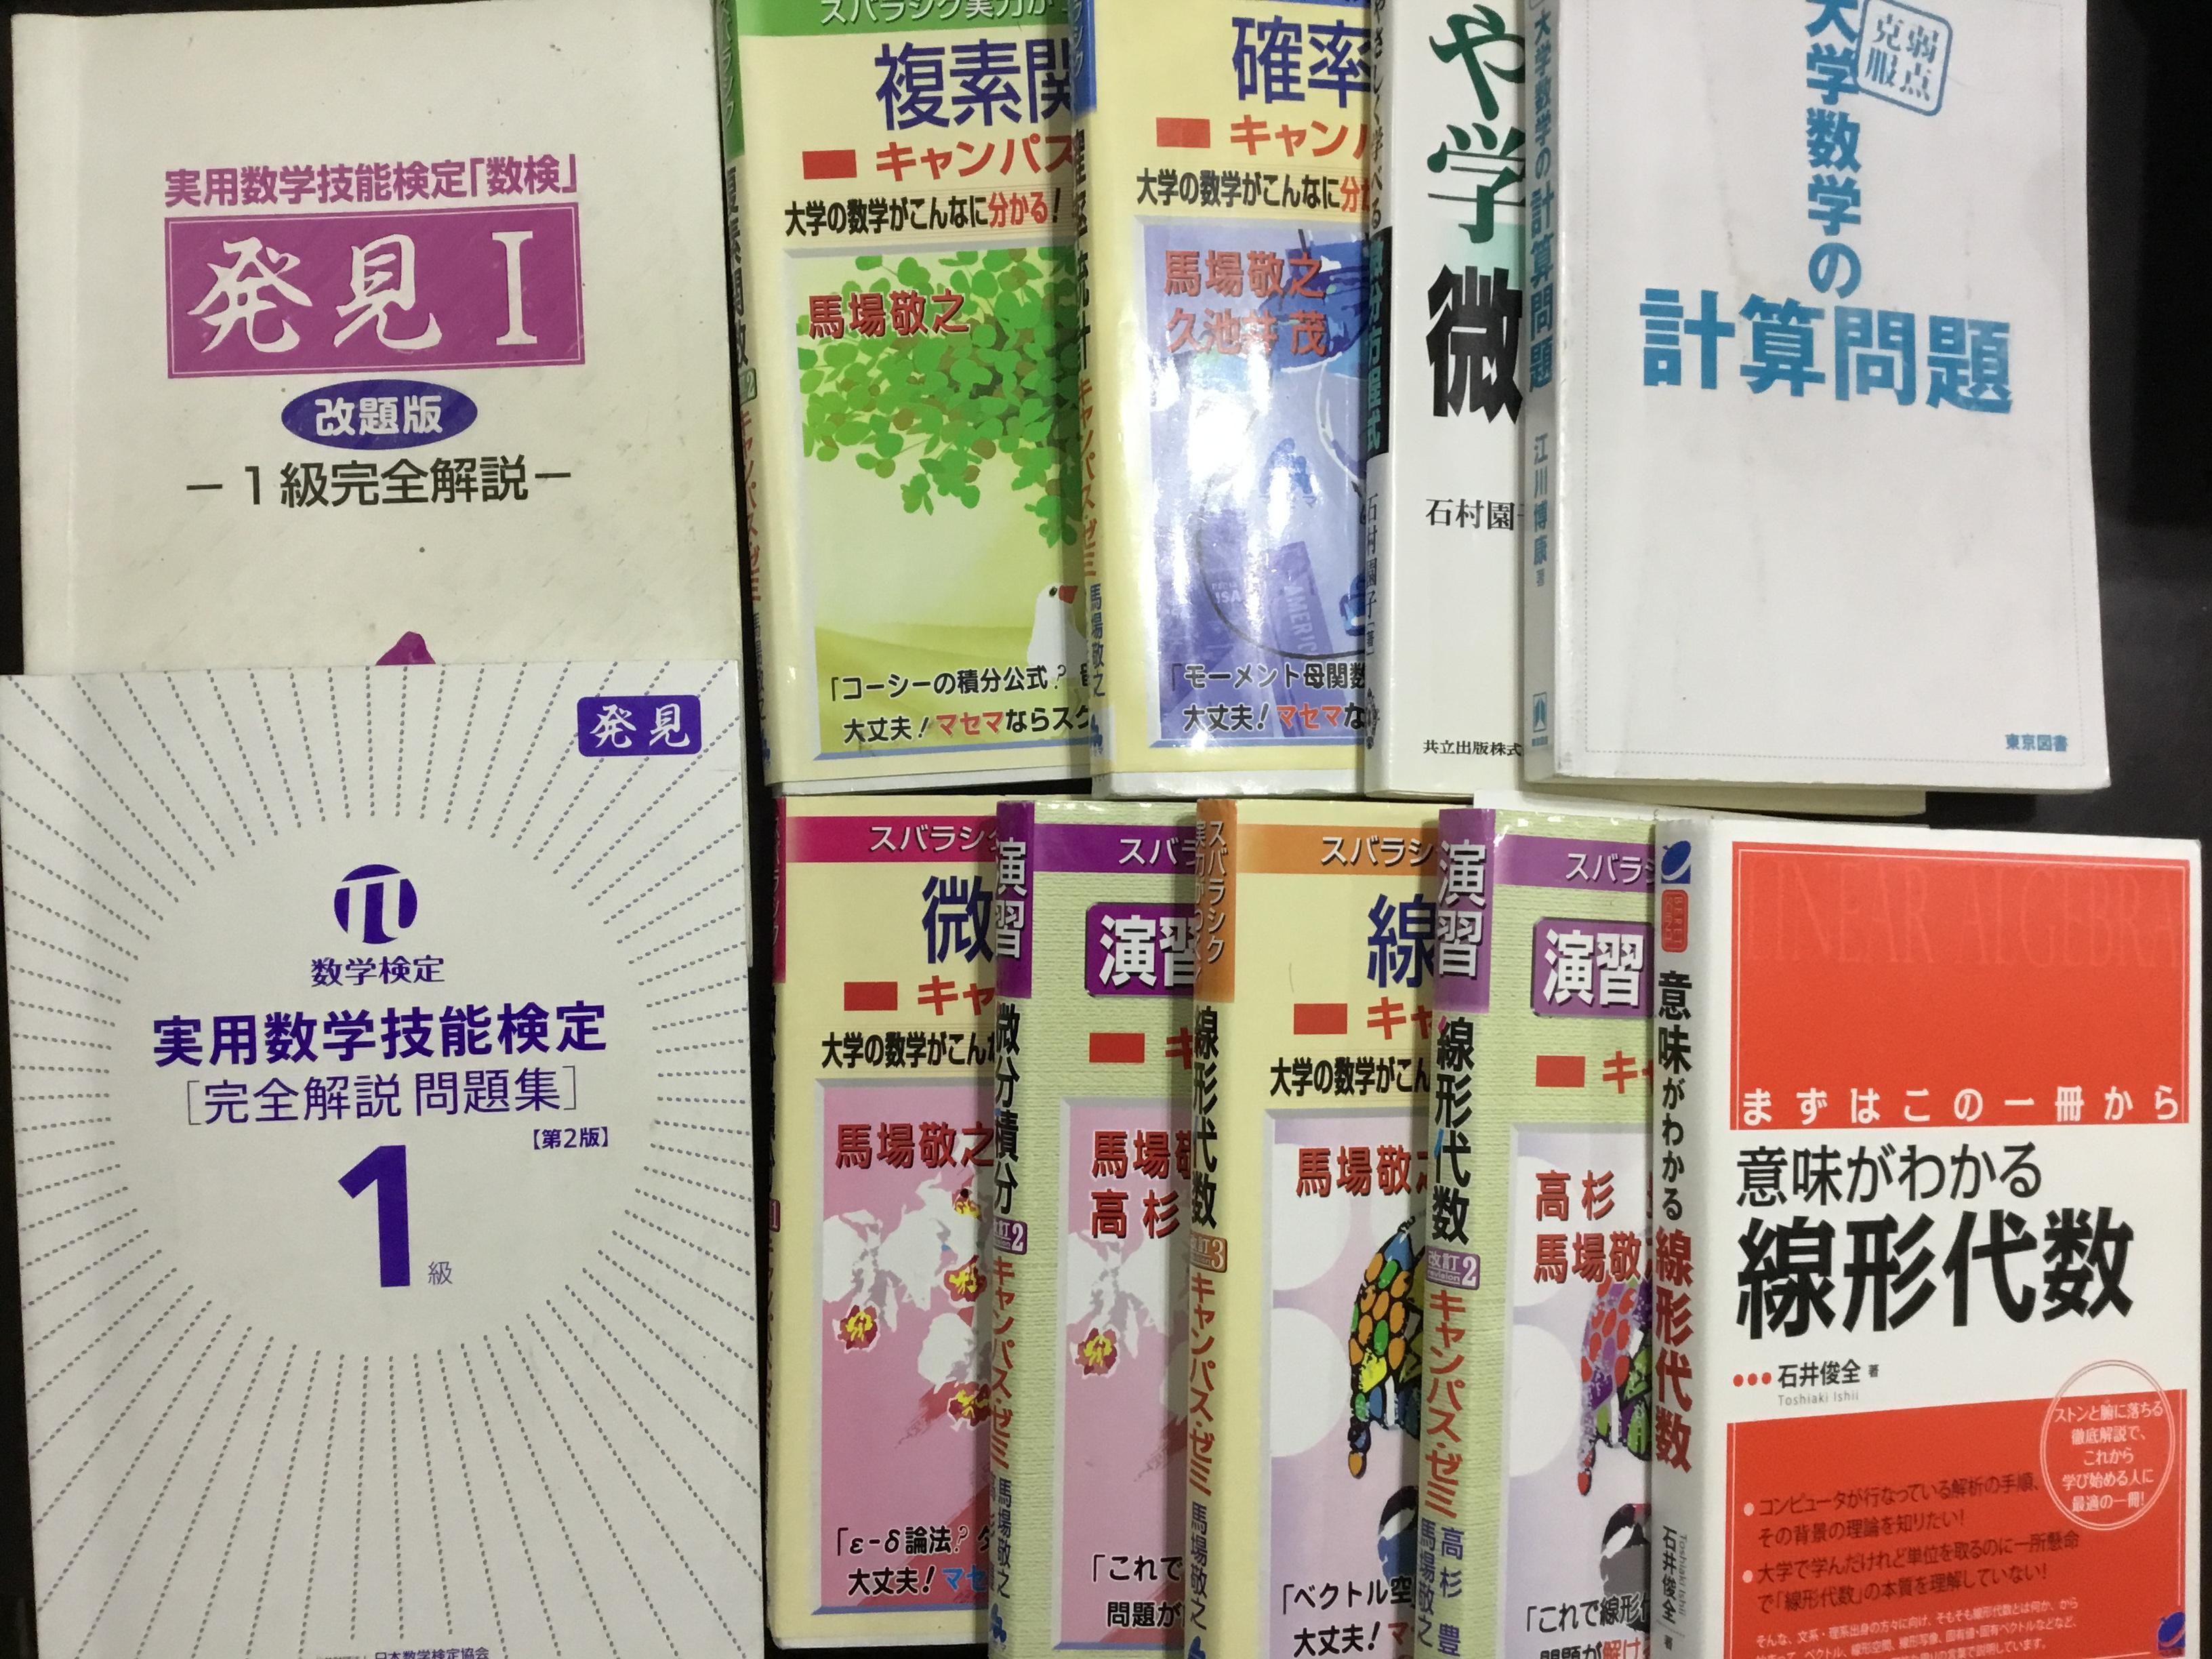 数学検定1次試験対策のための教材、参考書、問題集